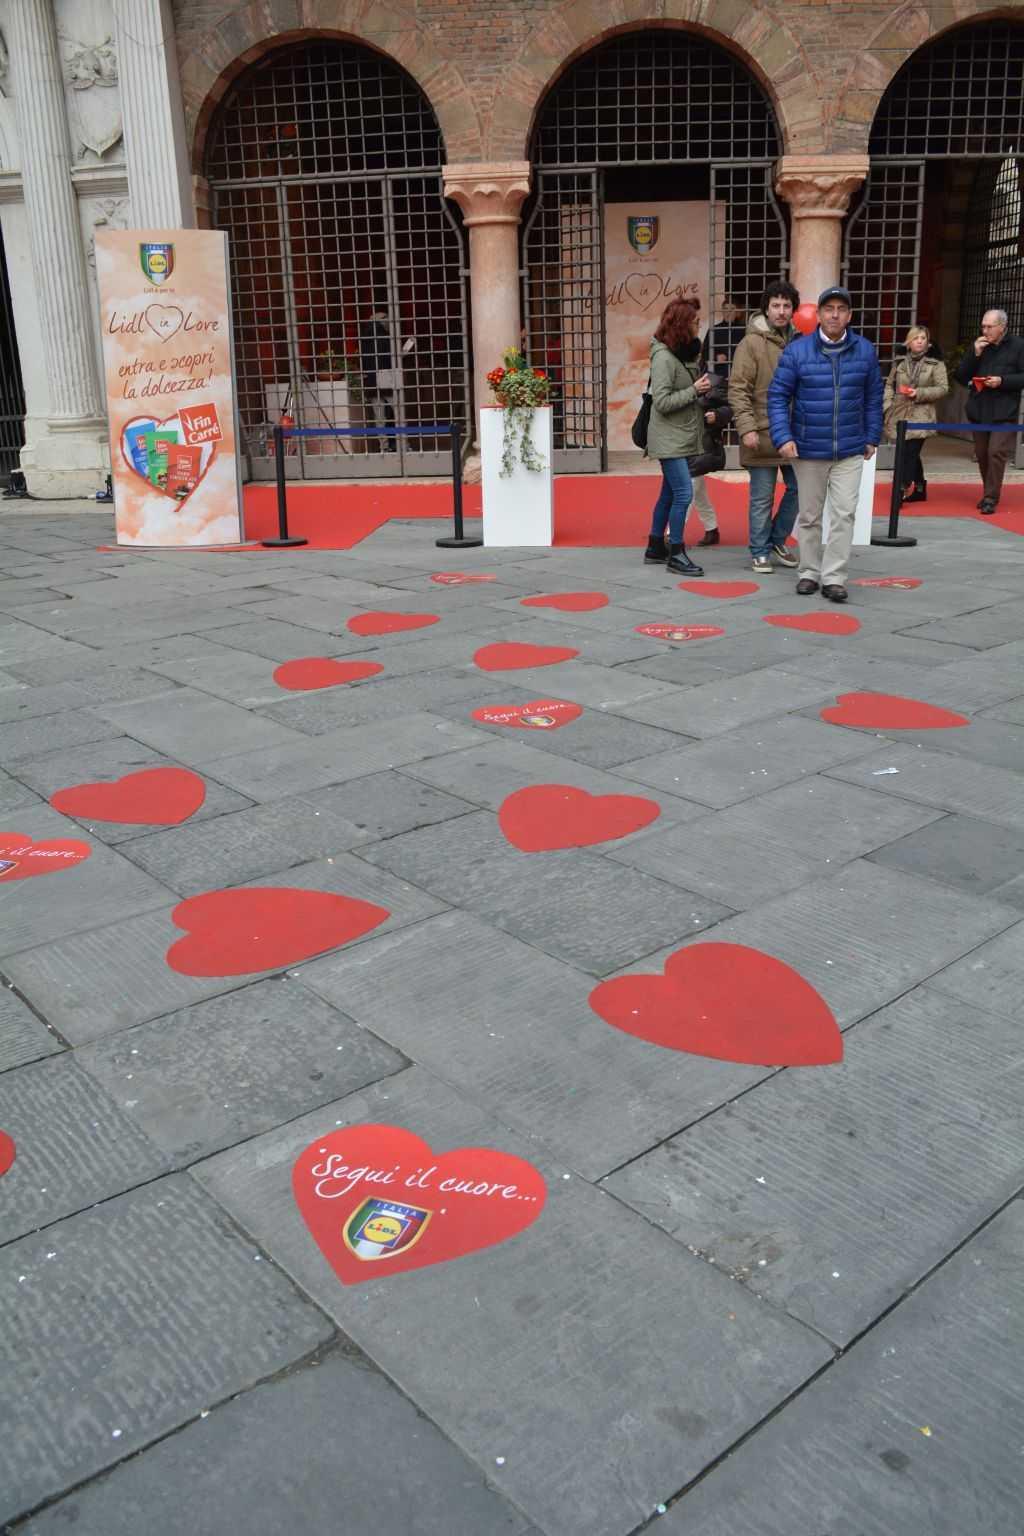 Piazza dei Signori meydanındaki yere yapıştırılmış kalpler sizi aşka dair ne varsa oraya doğru götürüyor :)